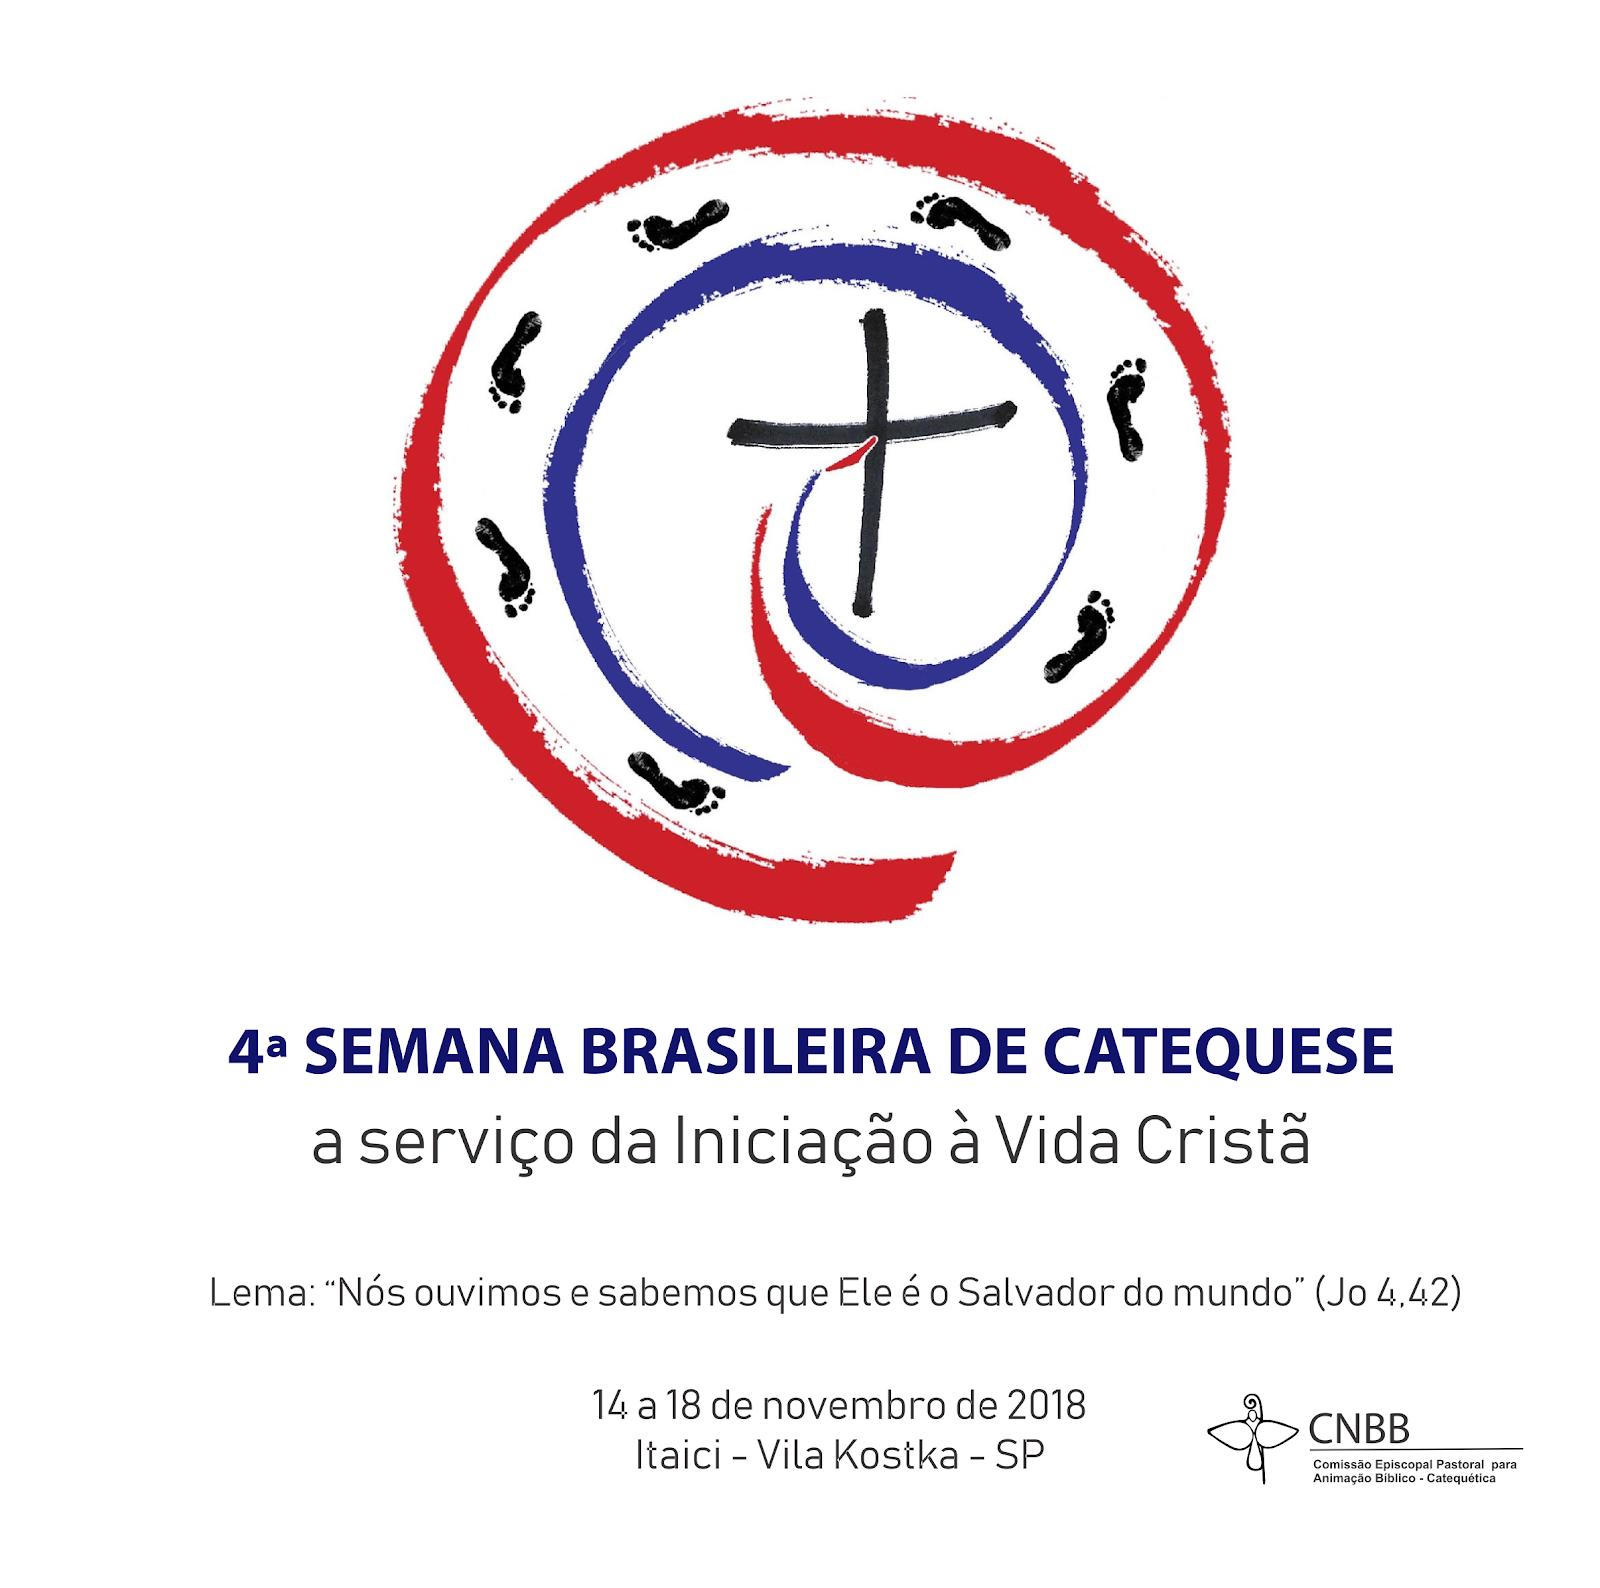 4ª Semana Brasileira de Catequese -A Serviço da Iniciação à Vida Cristã